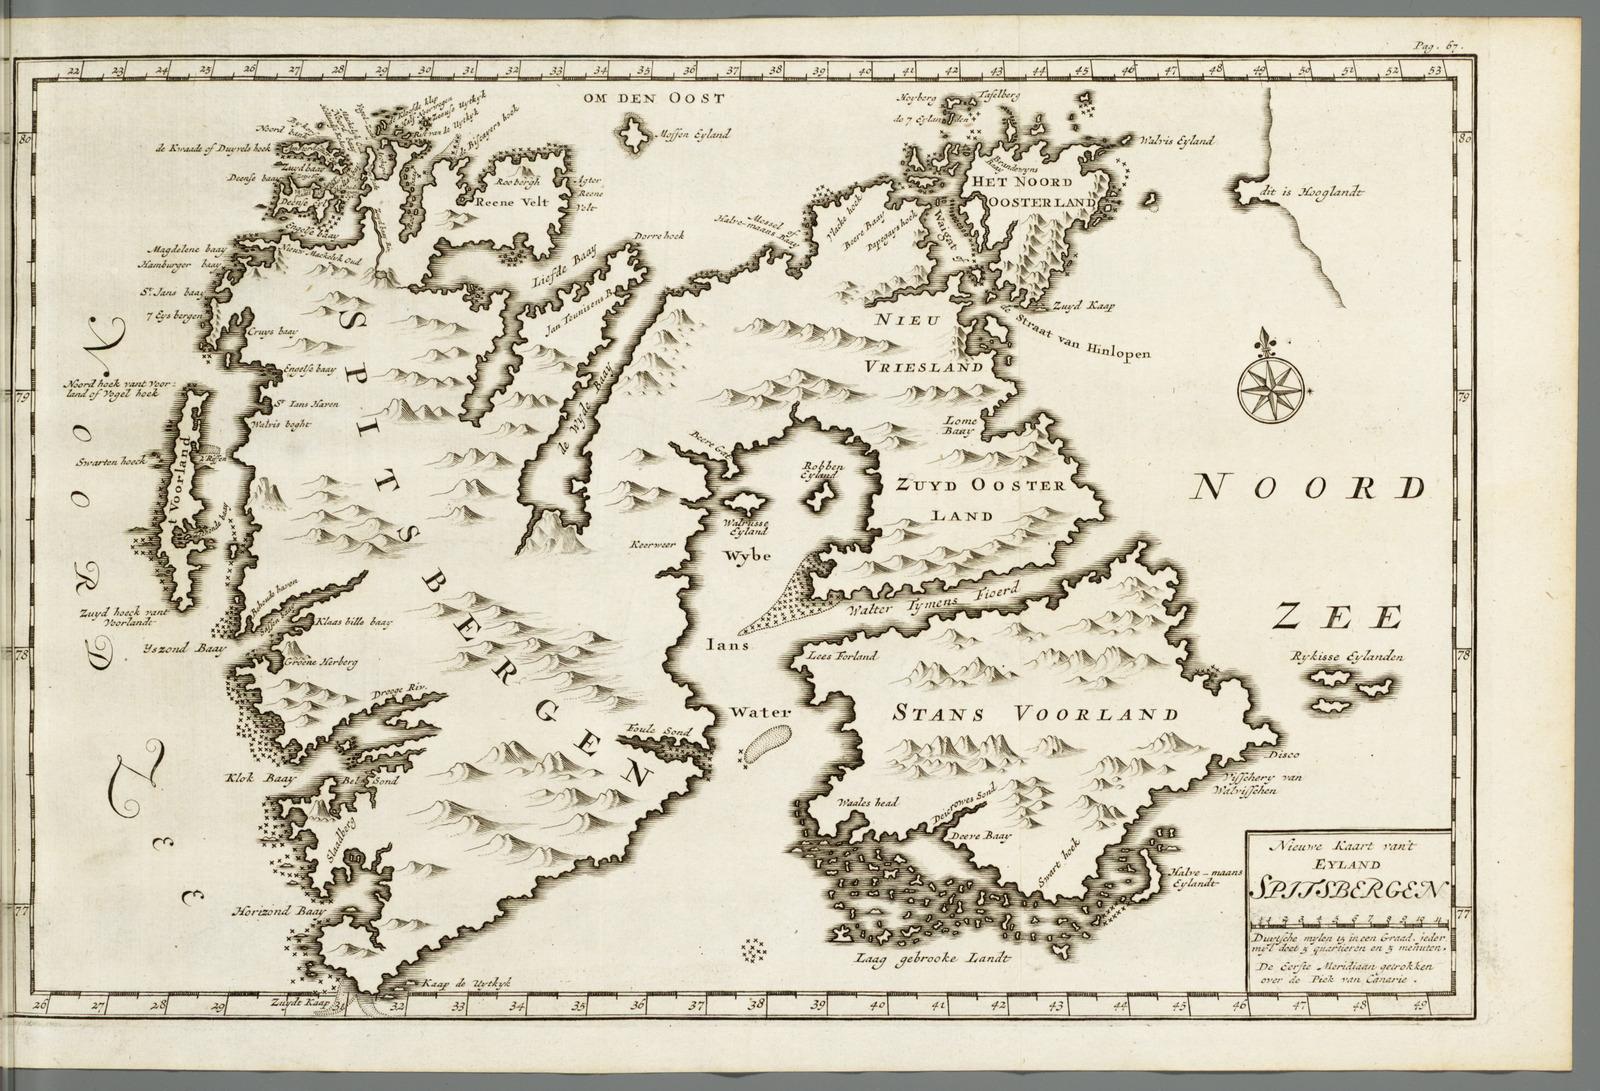 C.G. Zorgdragers Bloeyende opkomst der aloude en hedendaagsche Groenlandsche visschery.